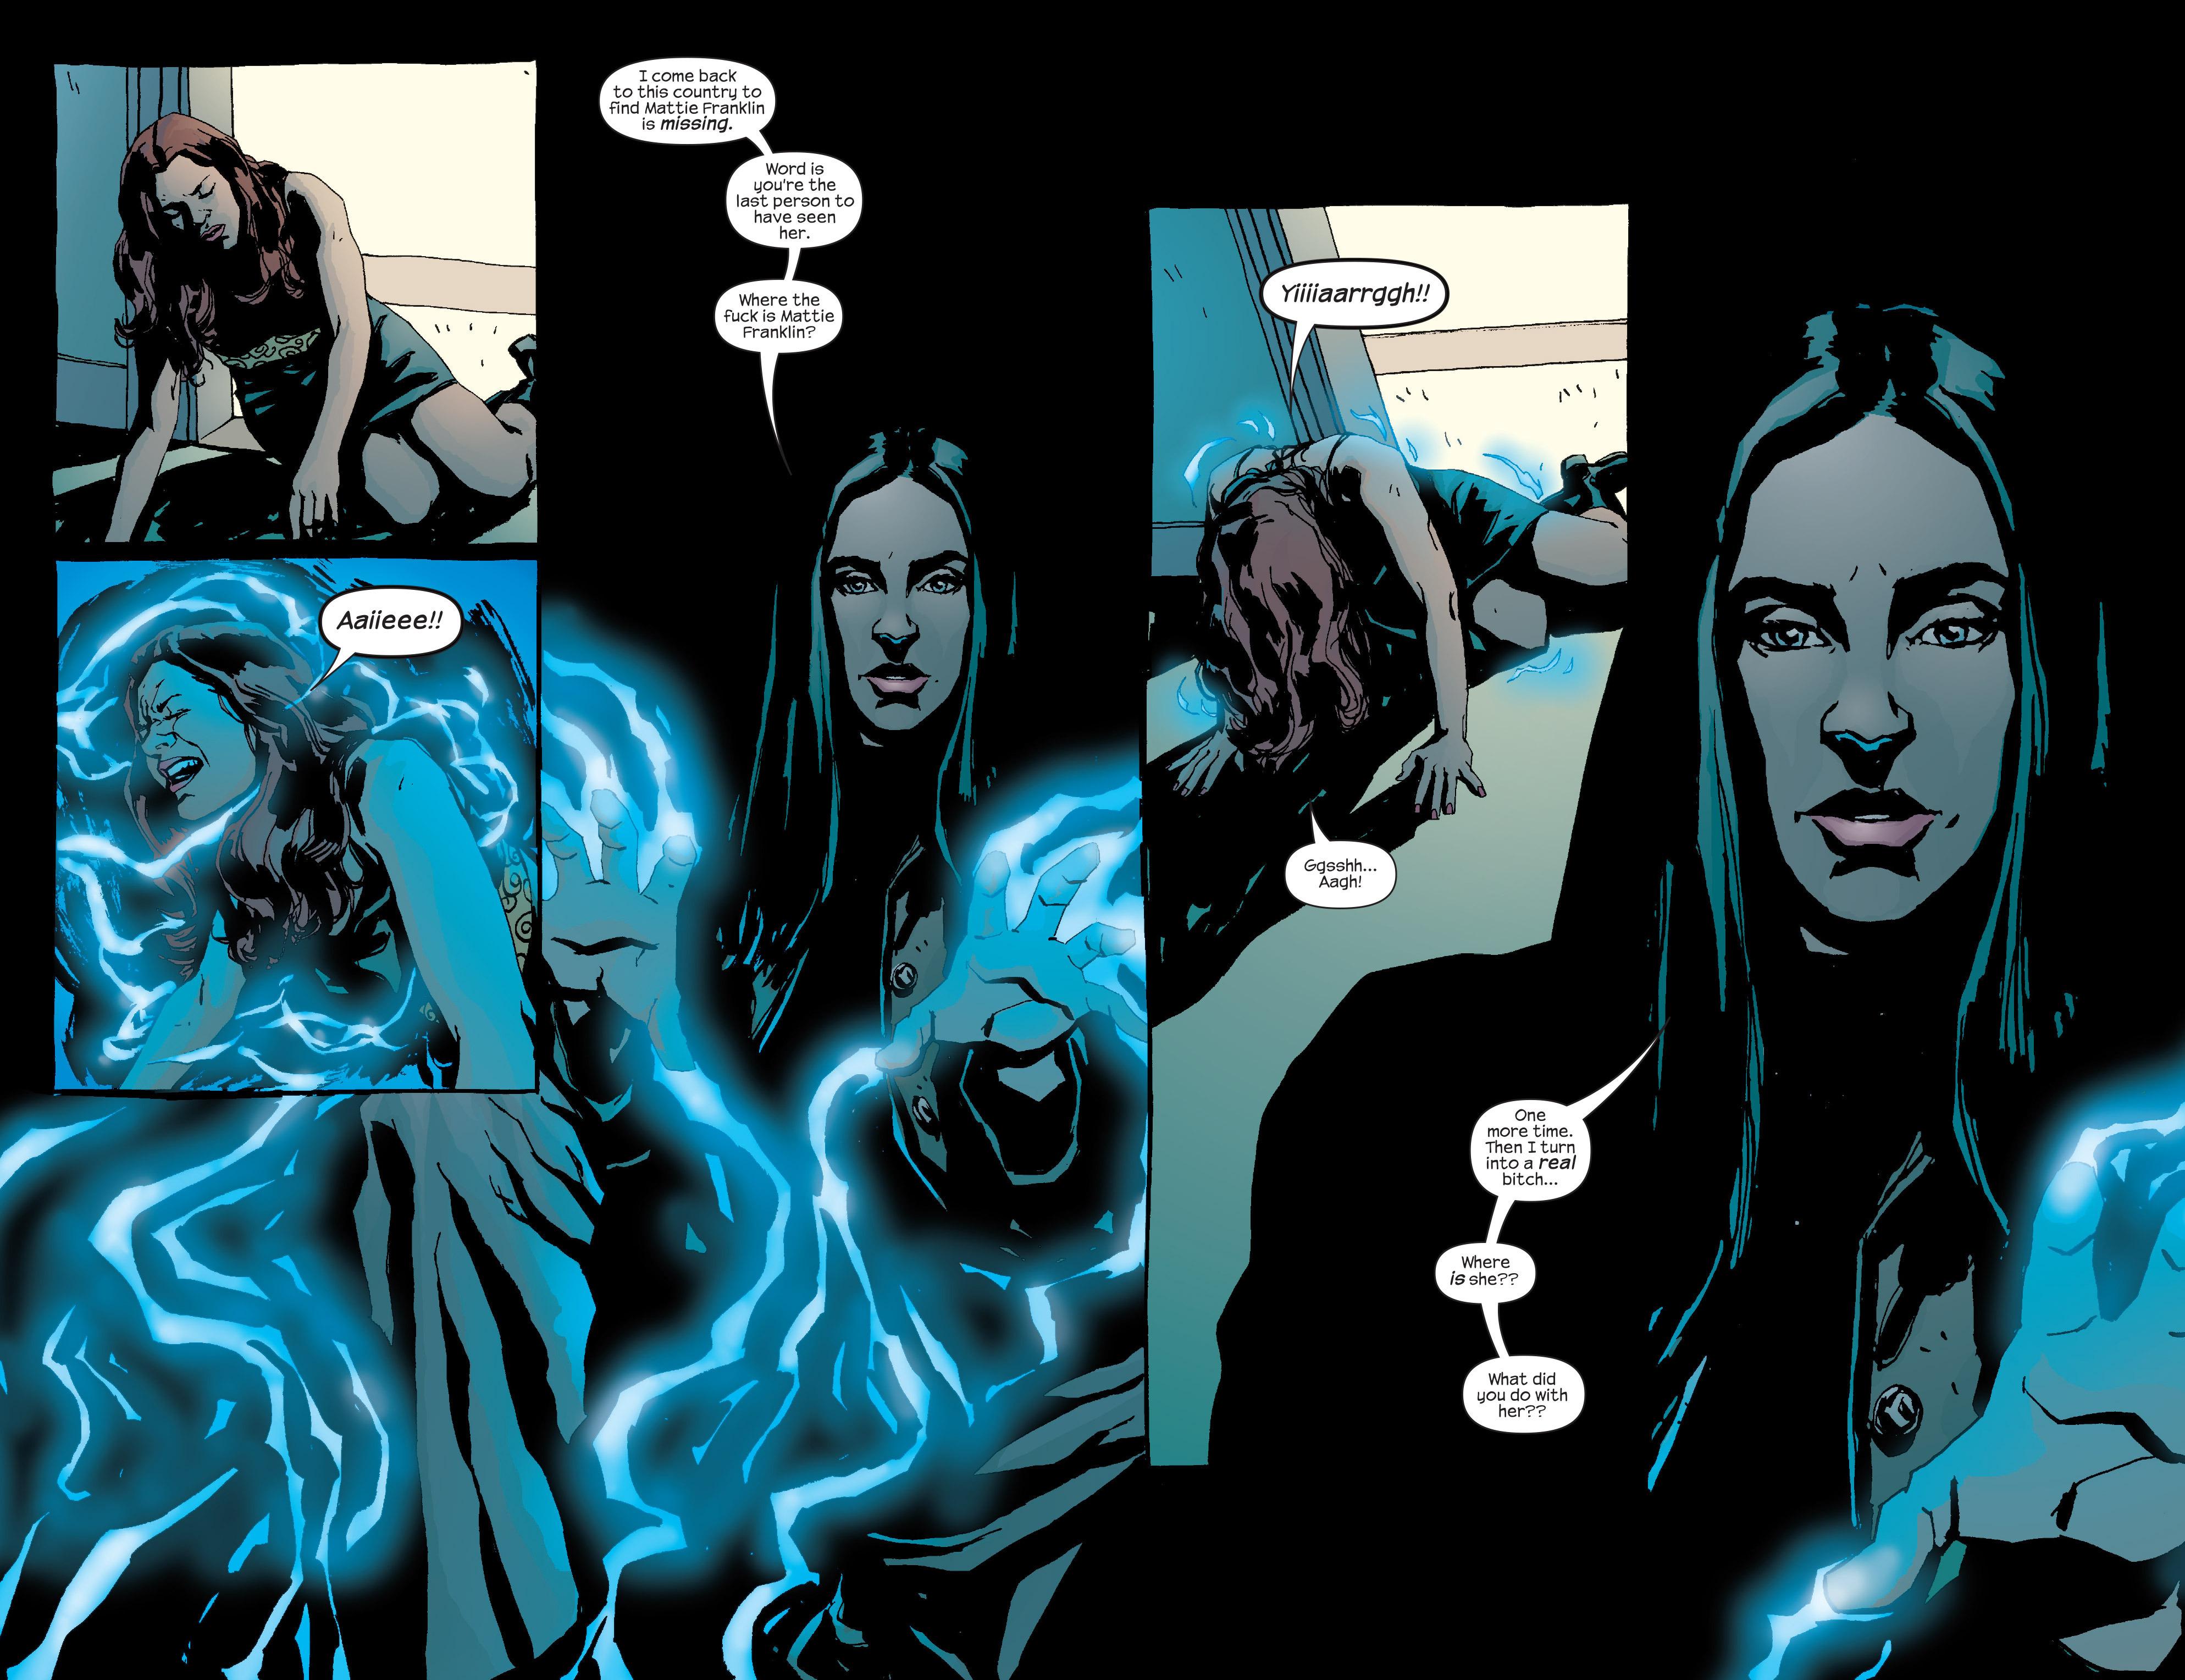 Read online Alias comic -  Issue #20 - 3